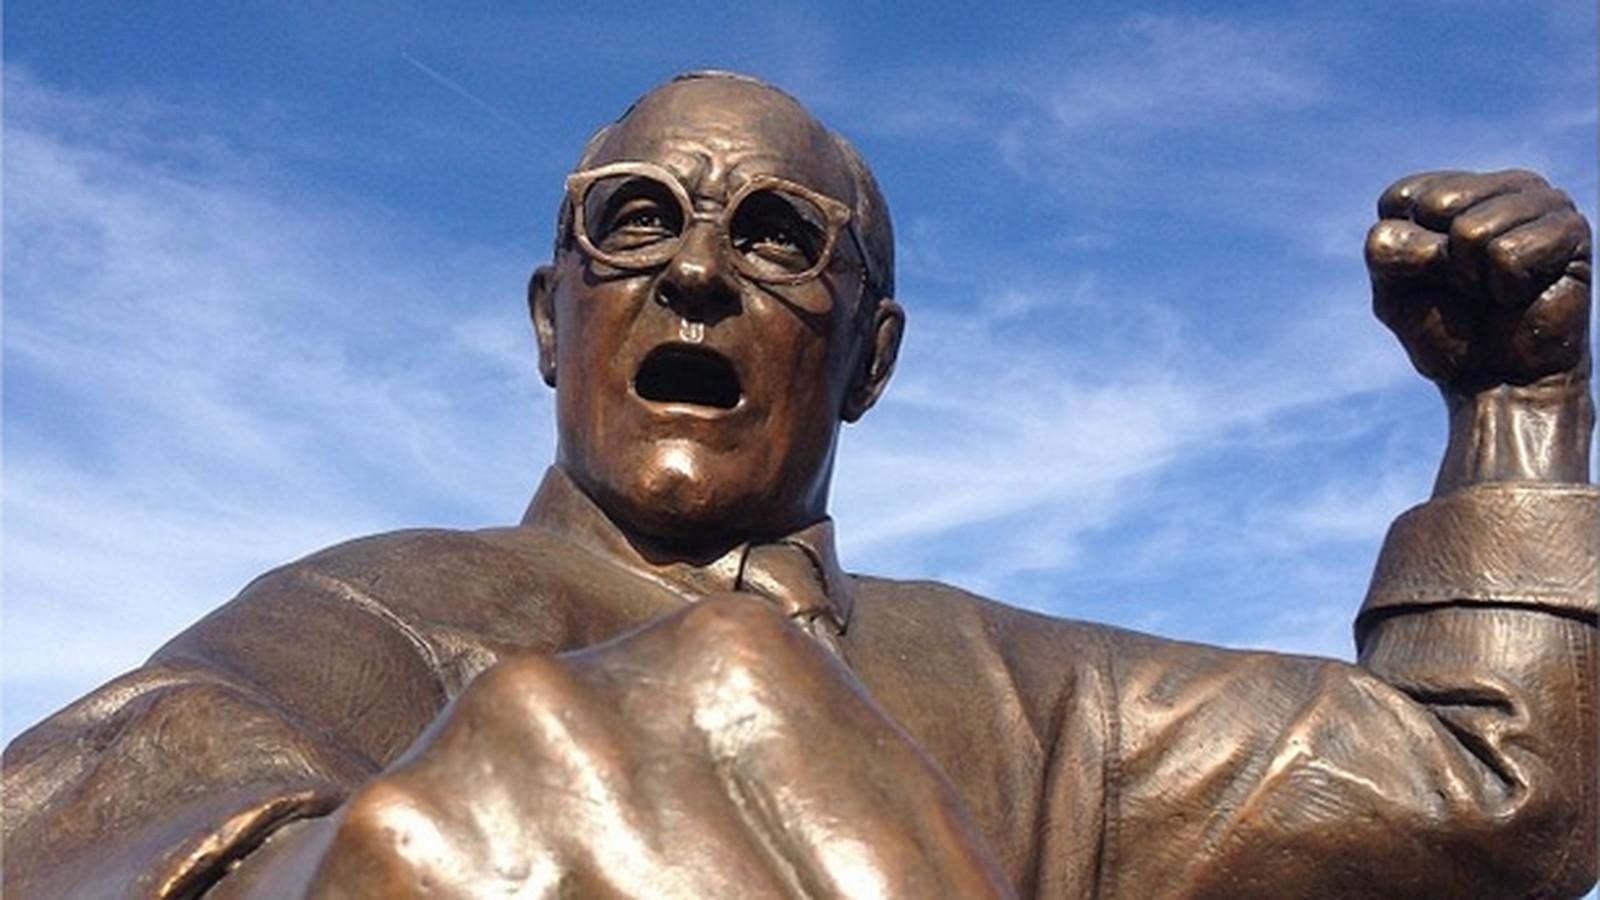 Dan_gable_statue.0